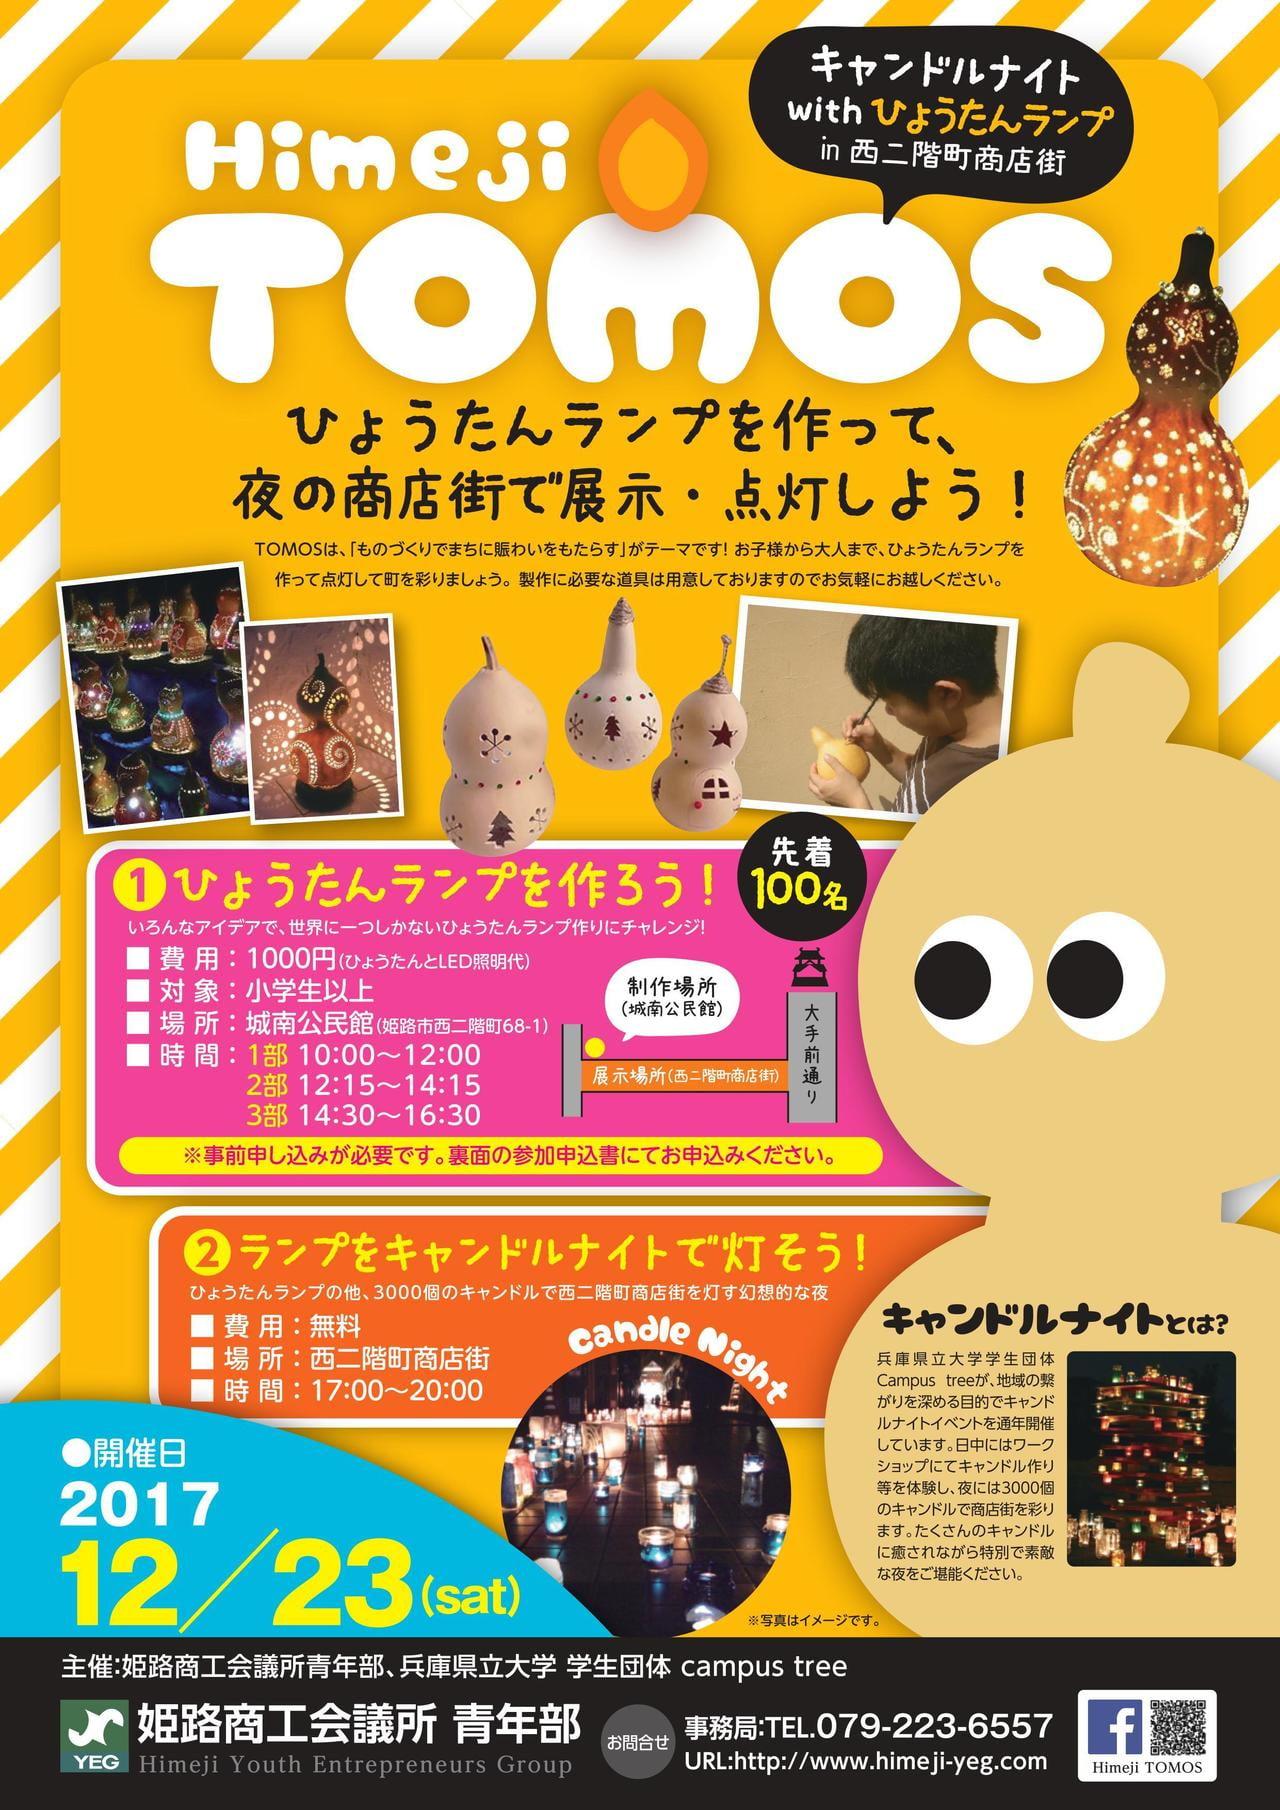 Himeji TOMOS キャンドルナイトwithひょうたんランプ